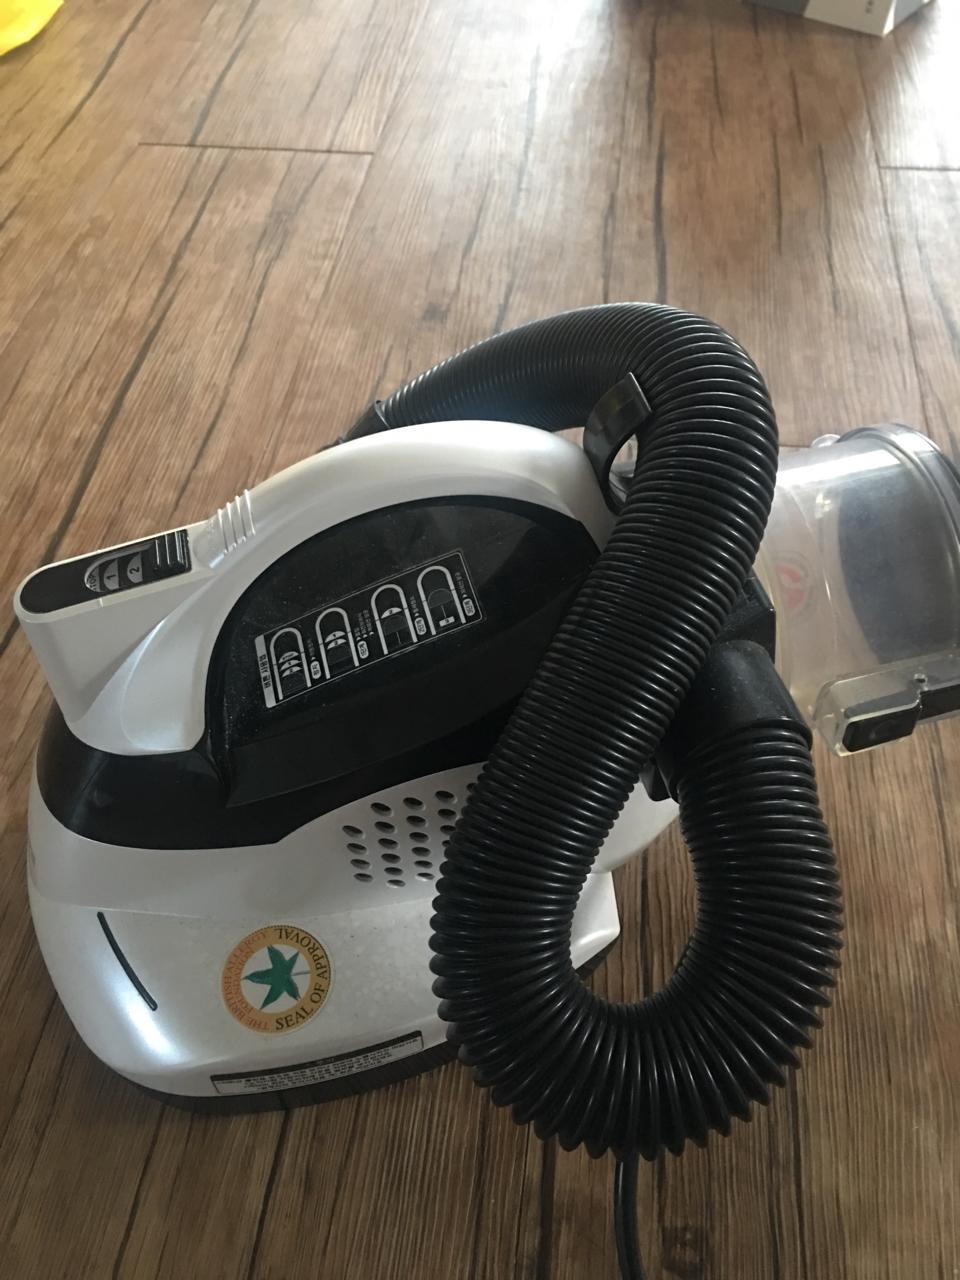 일렉트로전자 아토케어 침구 옷 미세먼지흡입기 자외선 살균기 청소기 진드기청소기